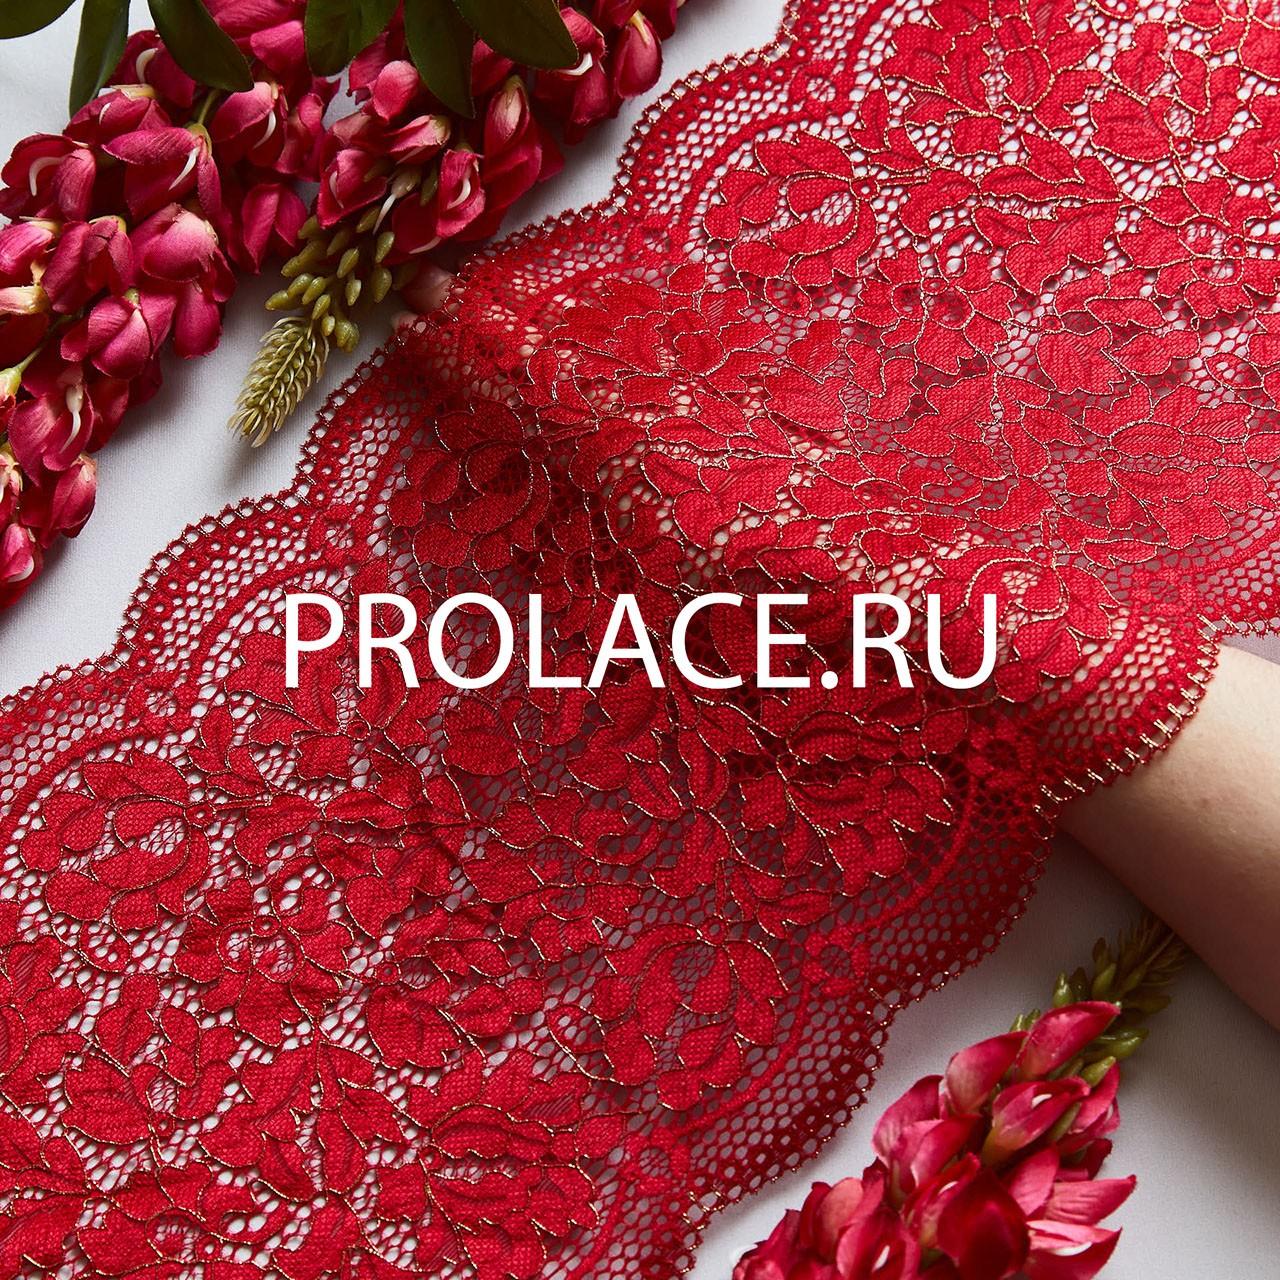 new lace prolace.ru 2305202000654